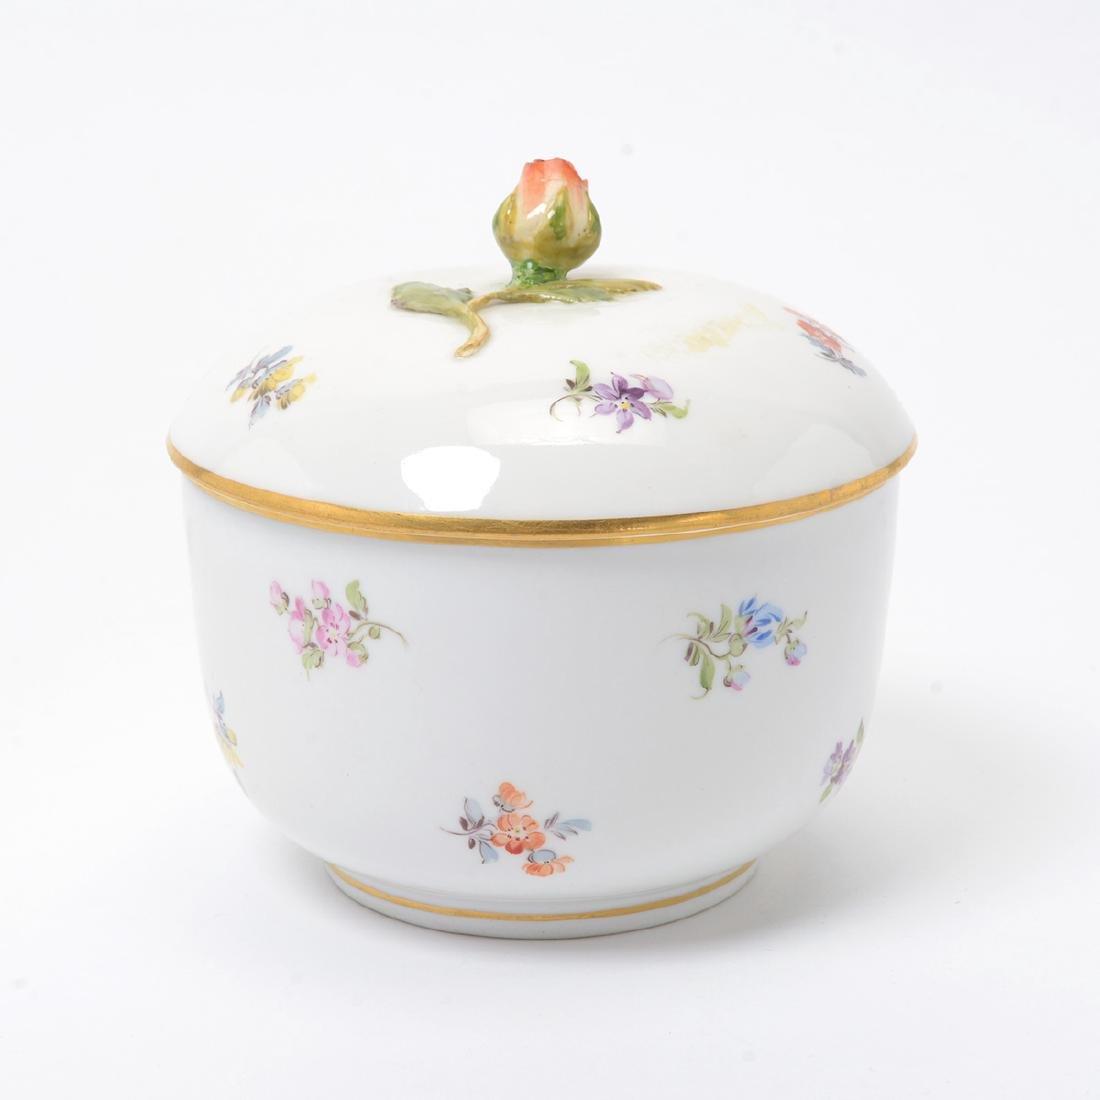 German Porcelain Bowl with Landscape Vignettes, 18th - 2